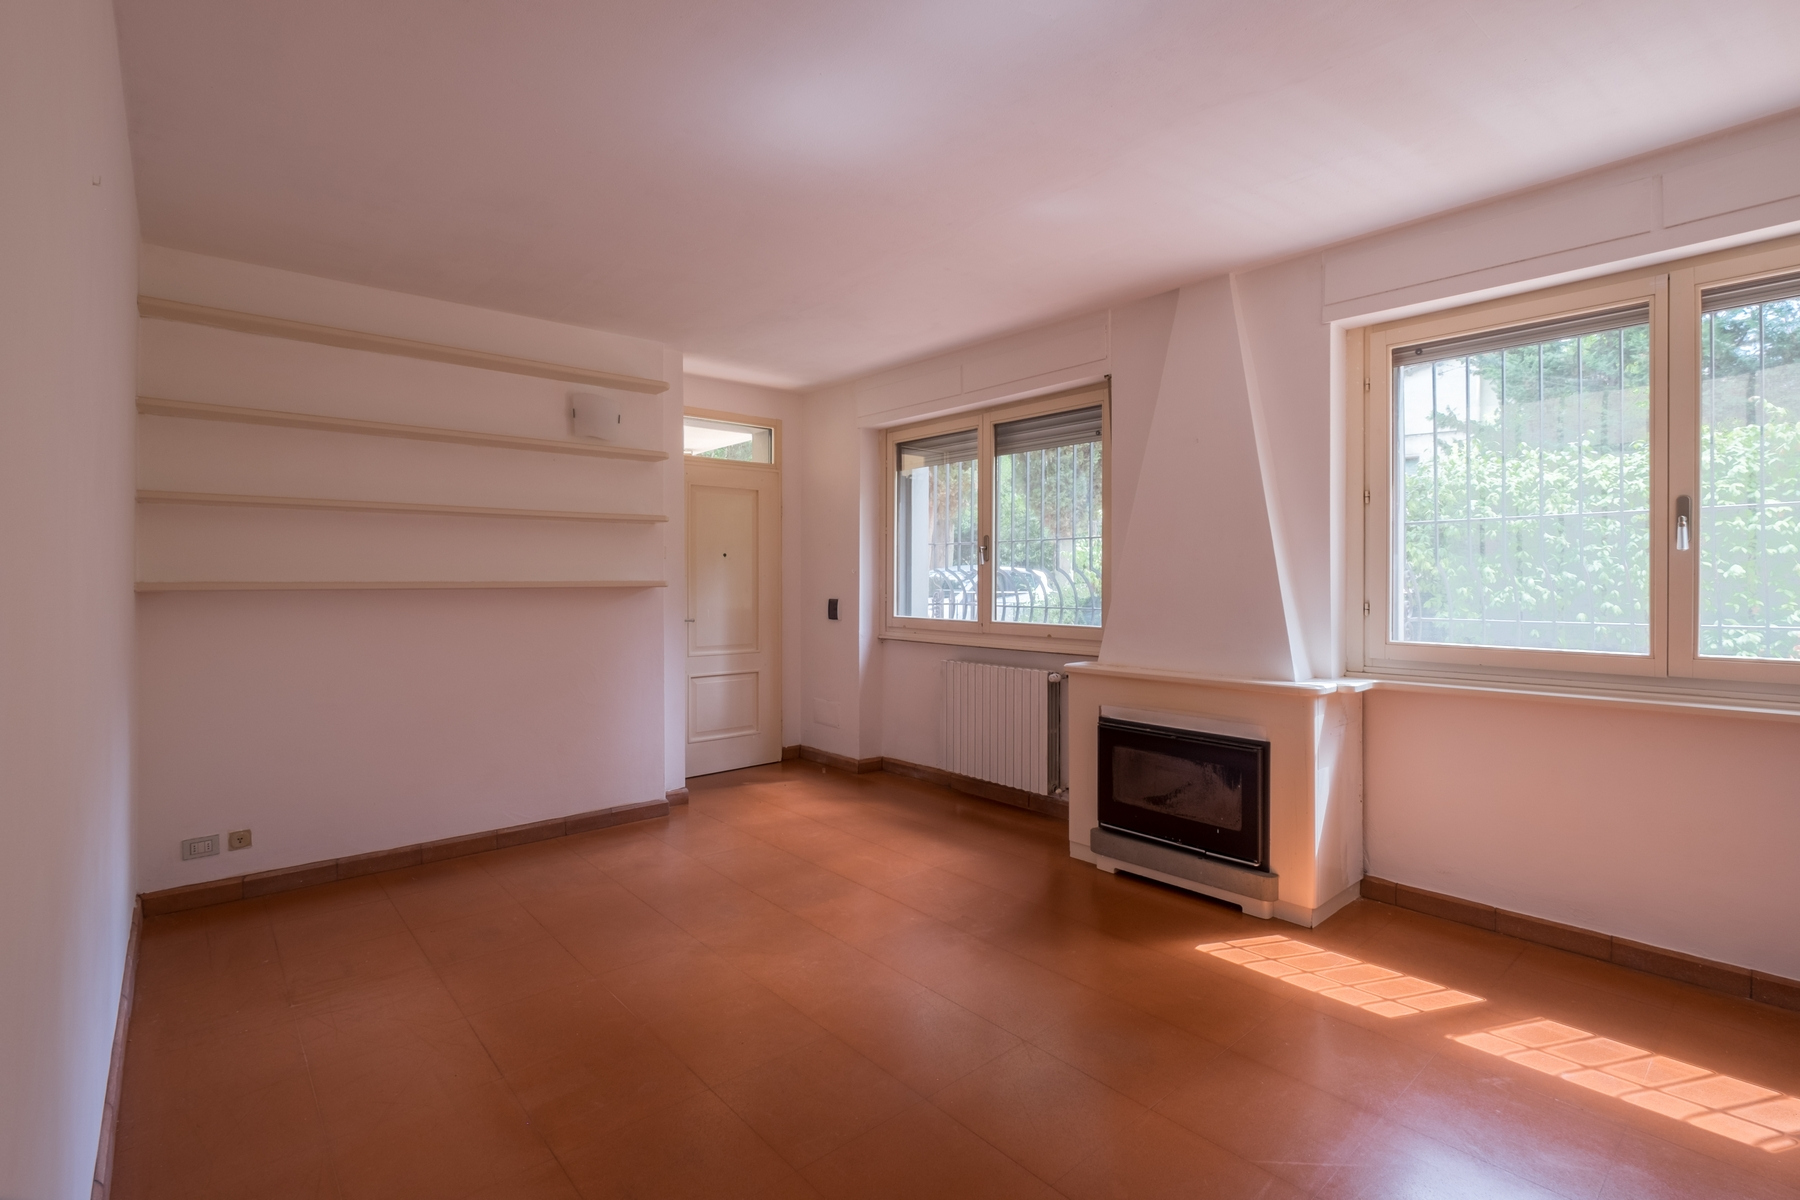 Appartamento in Vendita a Firenze: 5 locali, 82 mq - Foto 6